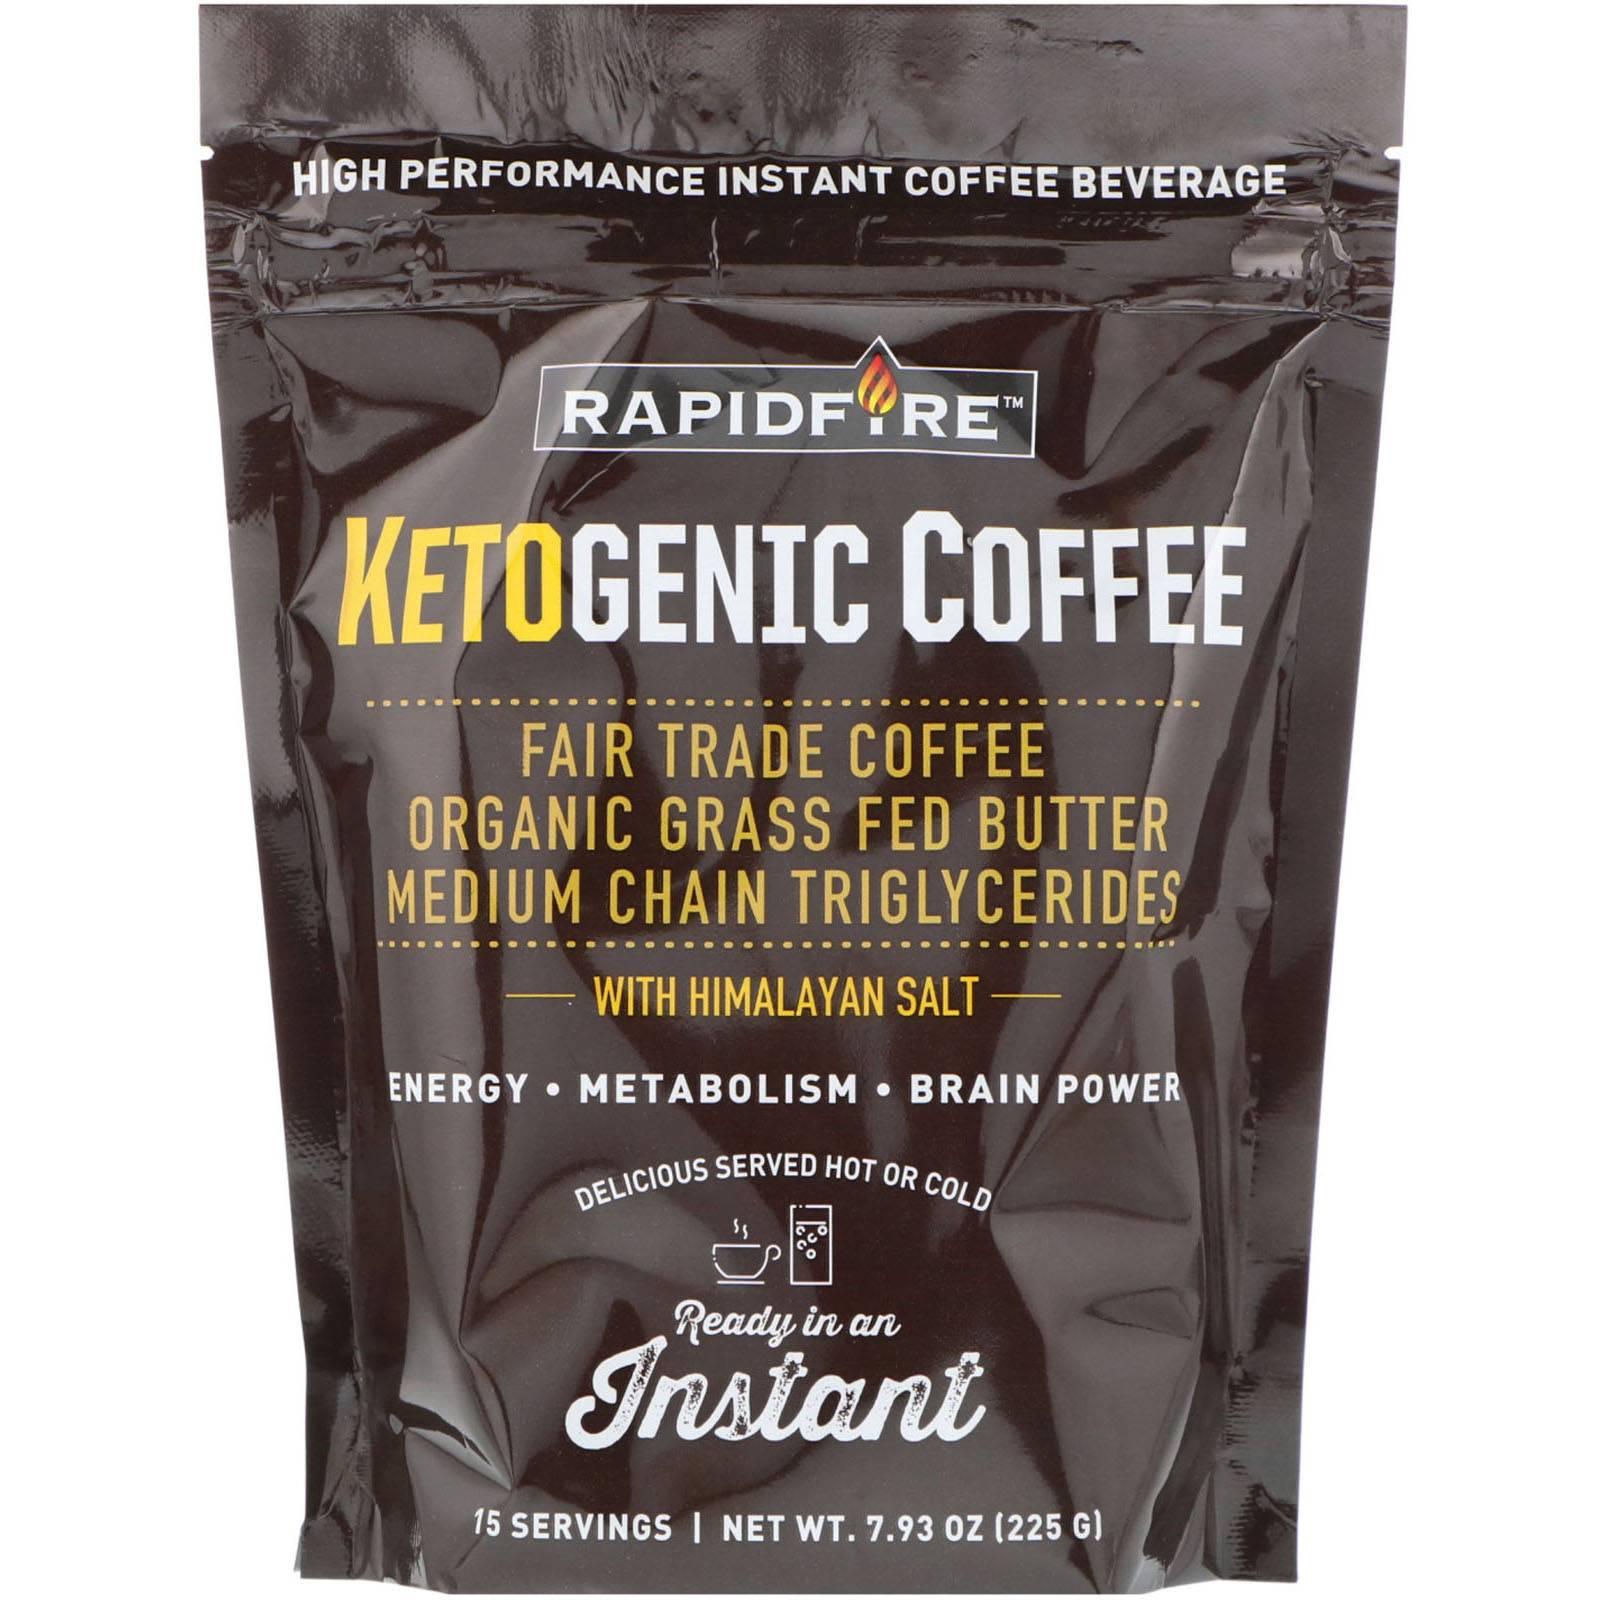 Кофе: свойства, преимущества и противопоказания